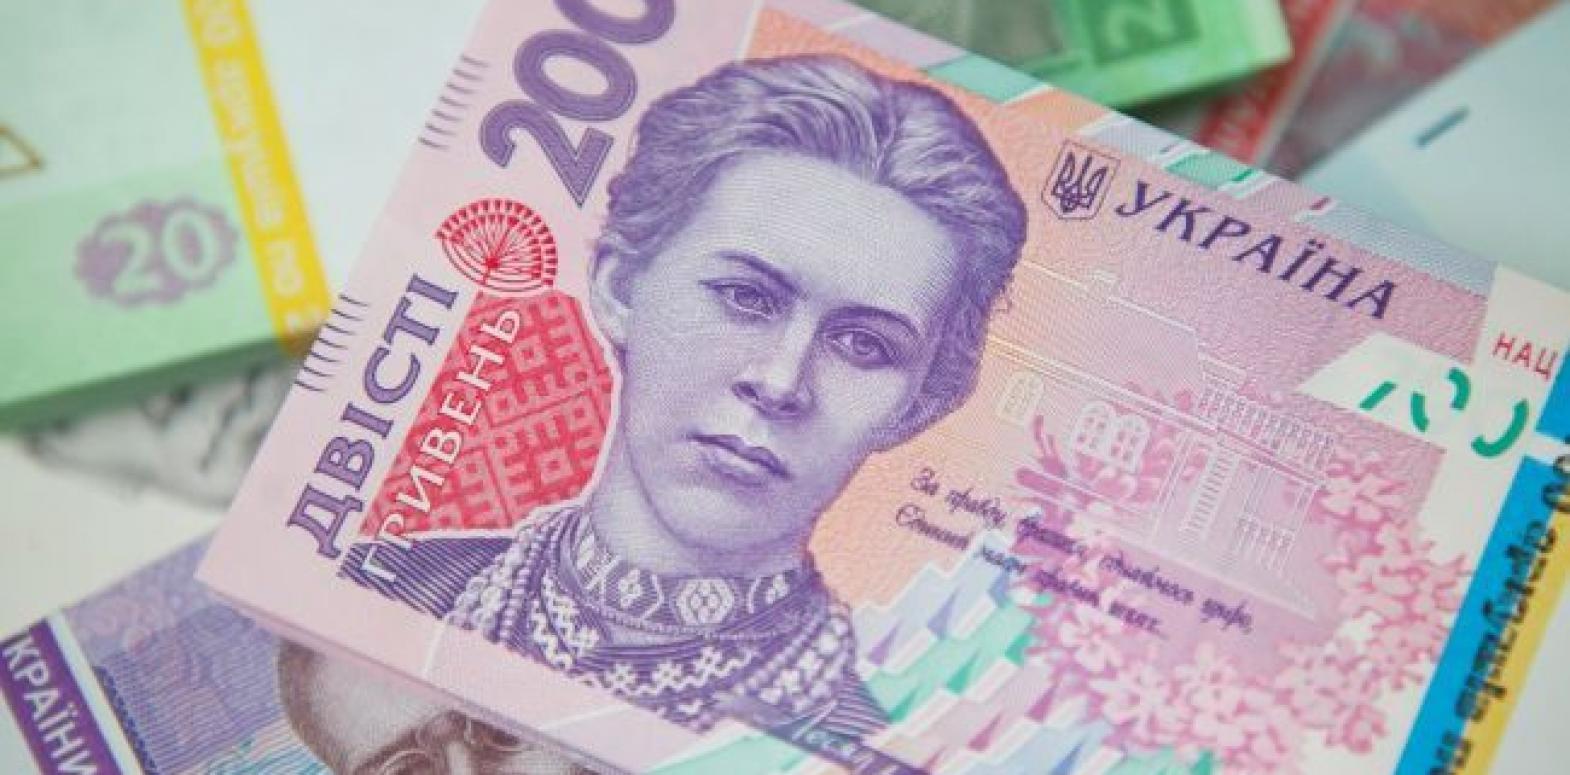 НБУ показал новую фальшивую банкноту 200 гривен